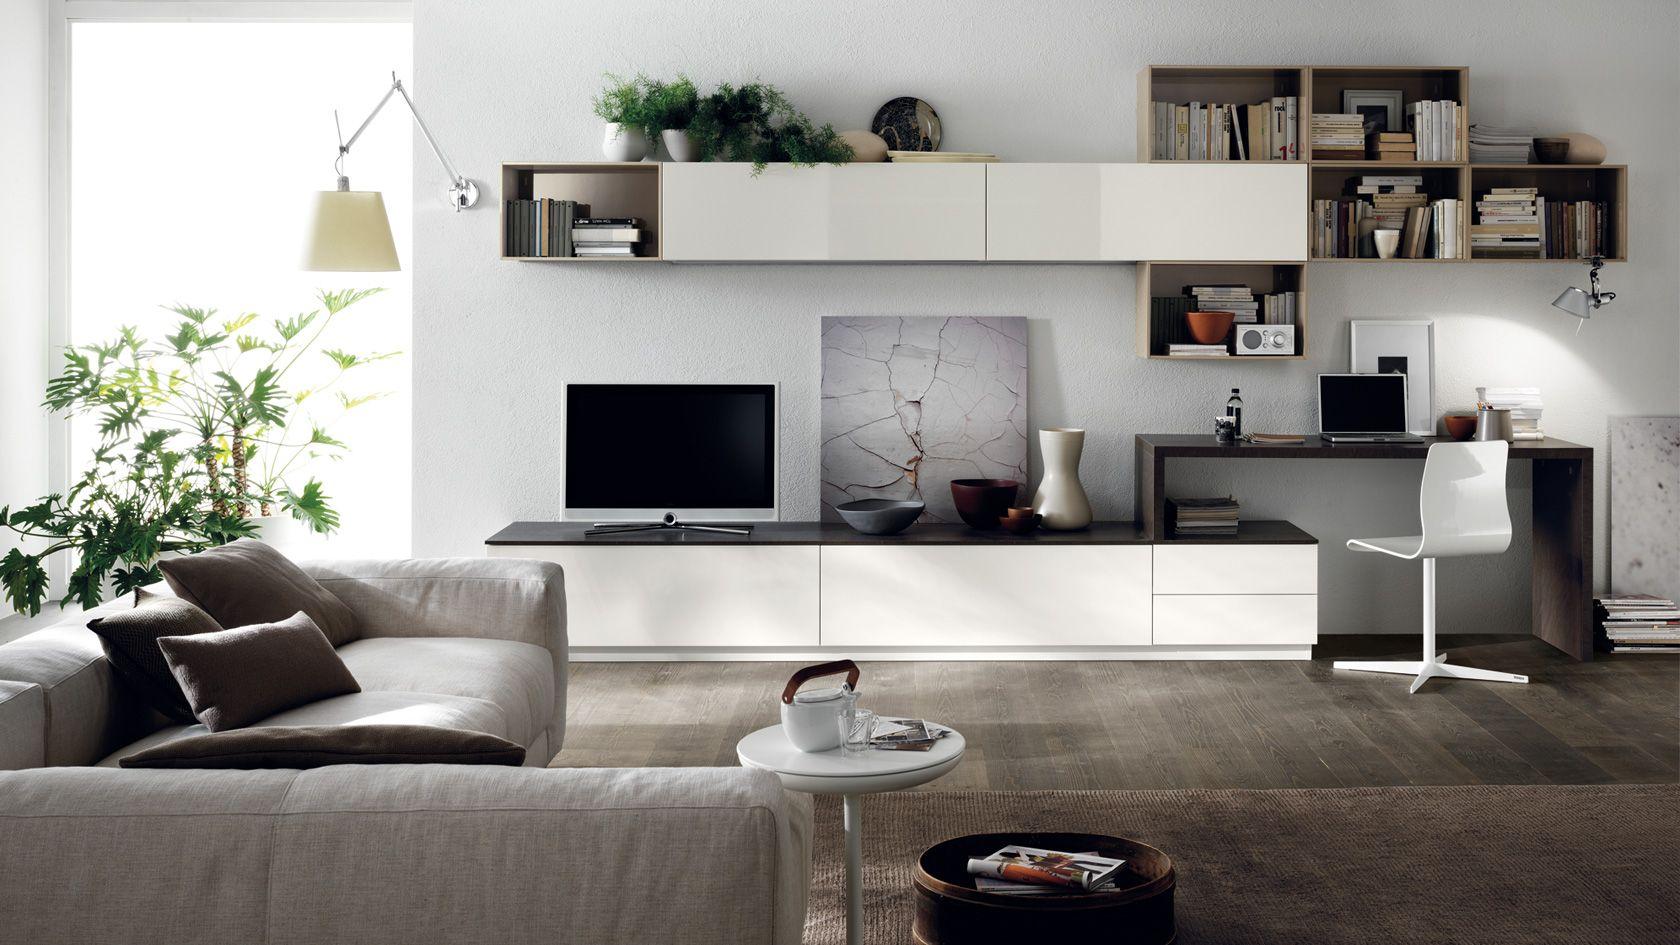 Pensili soggiorno ~ Arredamento soggiorno feel e scenery sito ufficiale scavolini